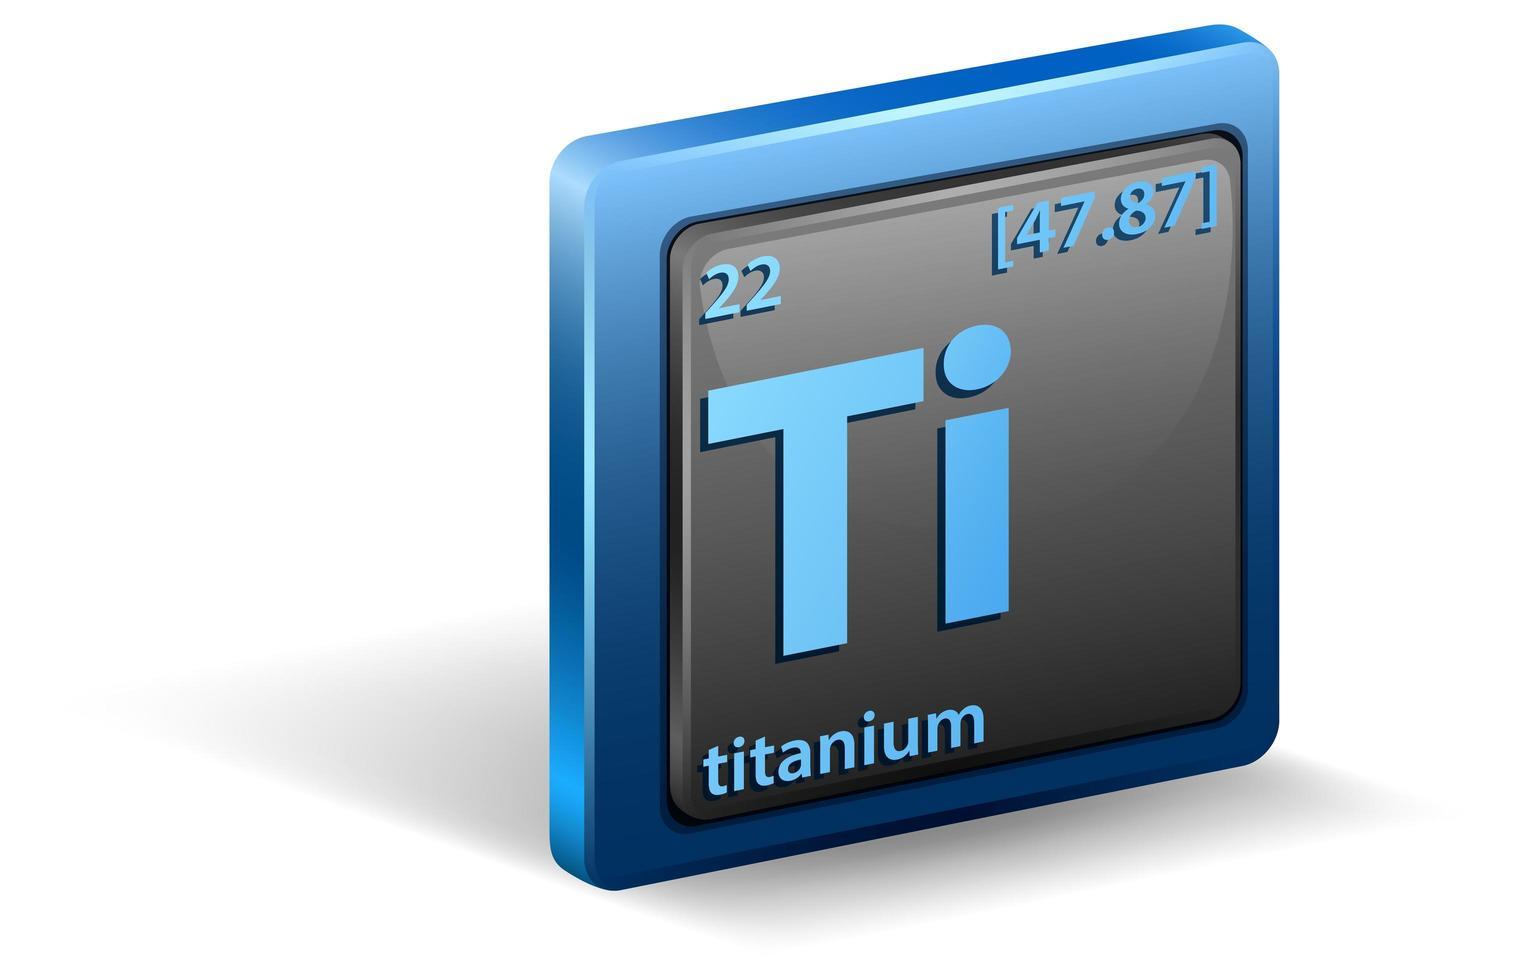 kemiskt grundämne i titan. kemisk symbol med atomnummer och atommassa. vektor